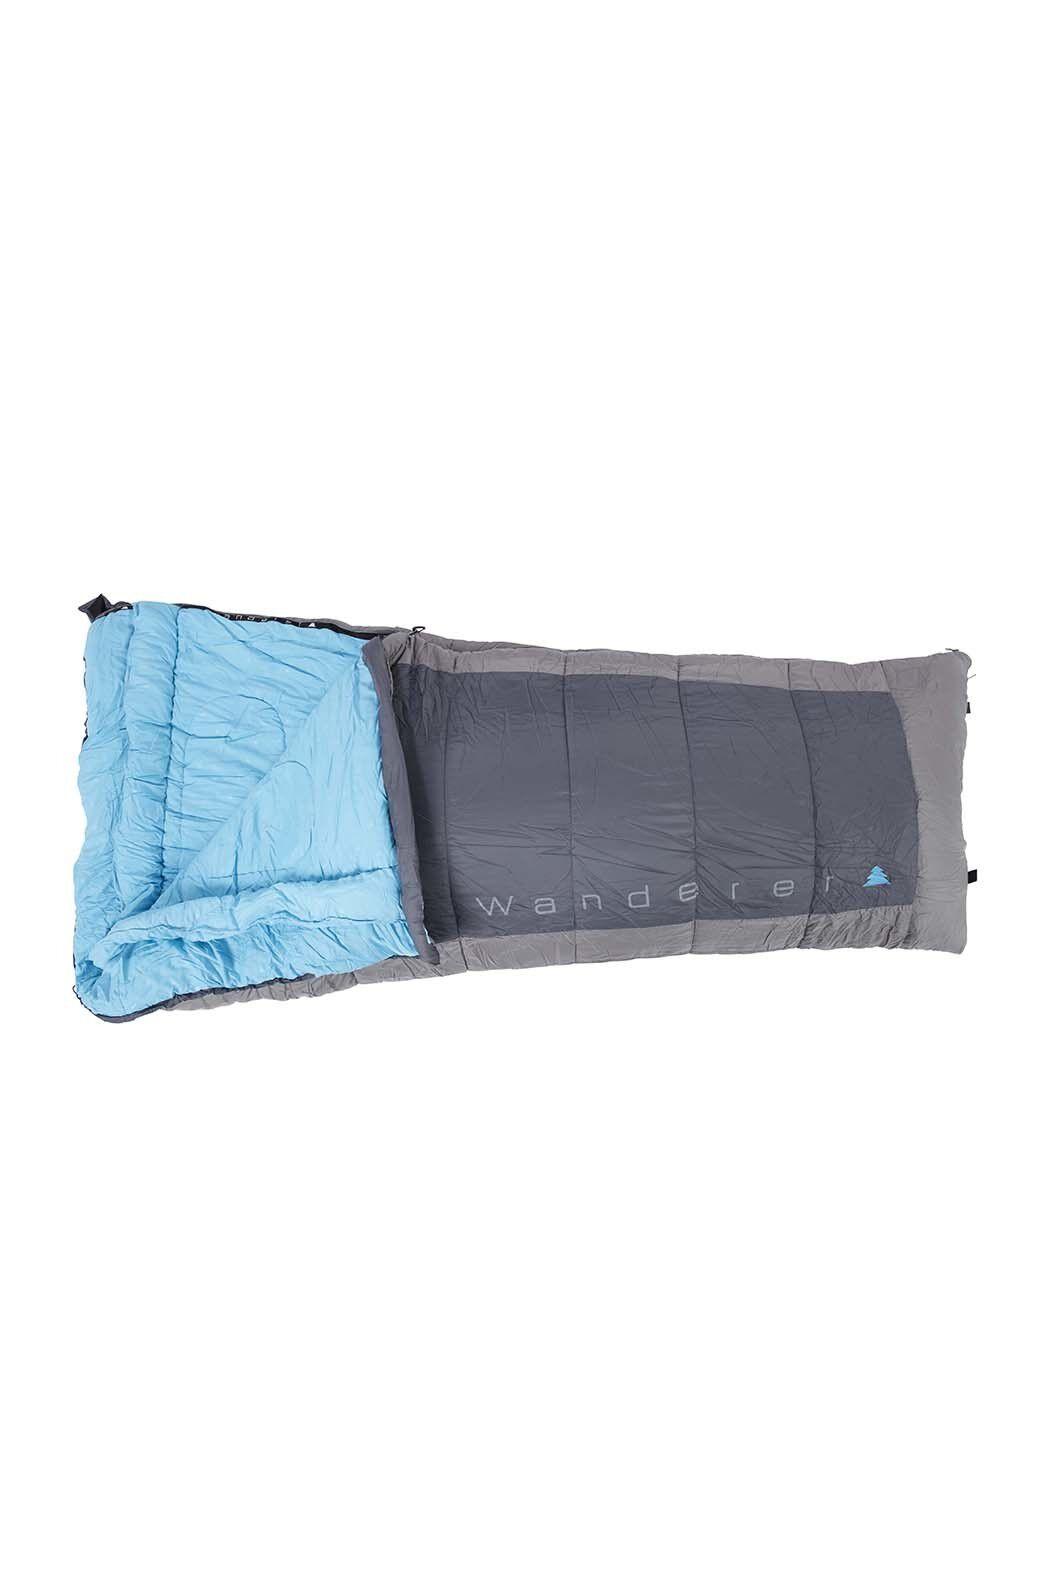 Wanderer SureFlame Camper Sleeping Bag, None, hi-res